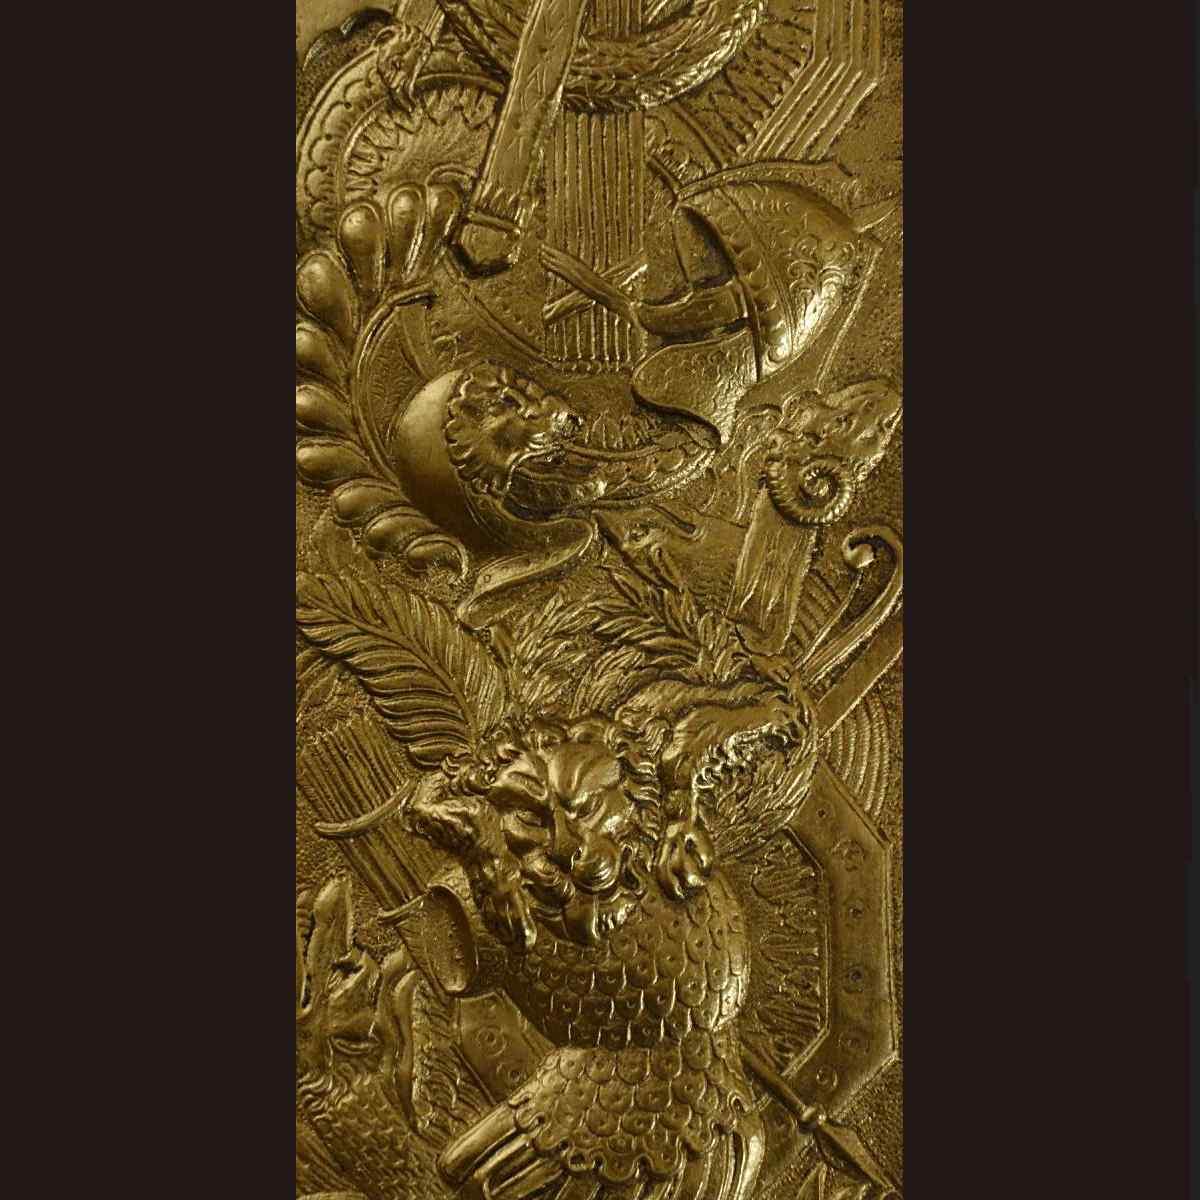 Trophées Militaire en Bas Relief sur Plaque Début XVIIIème